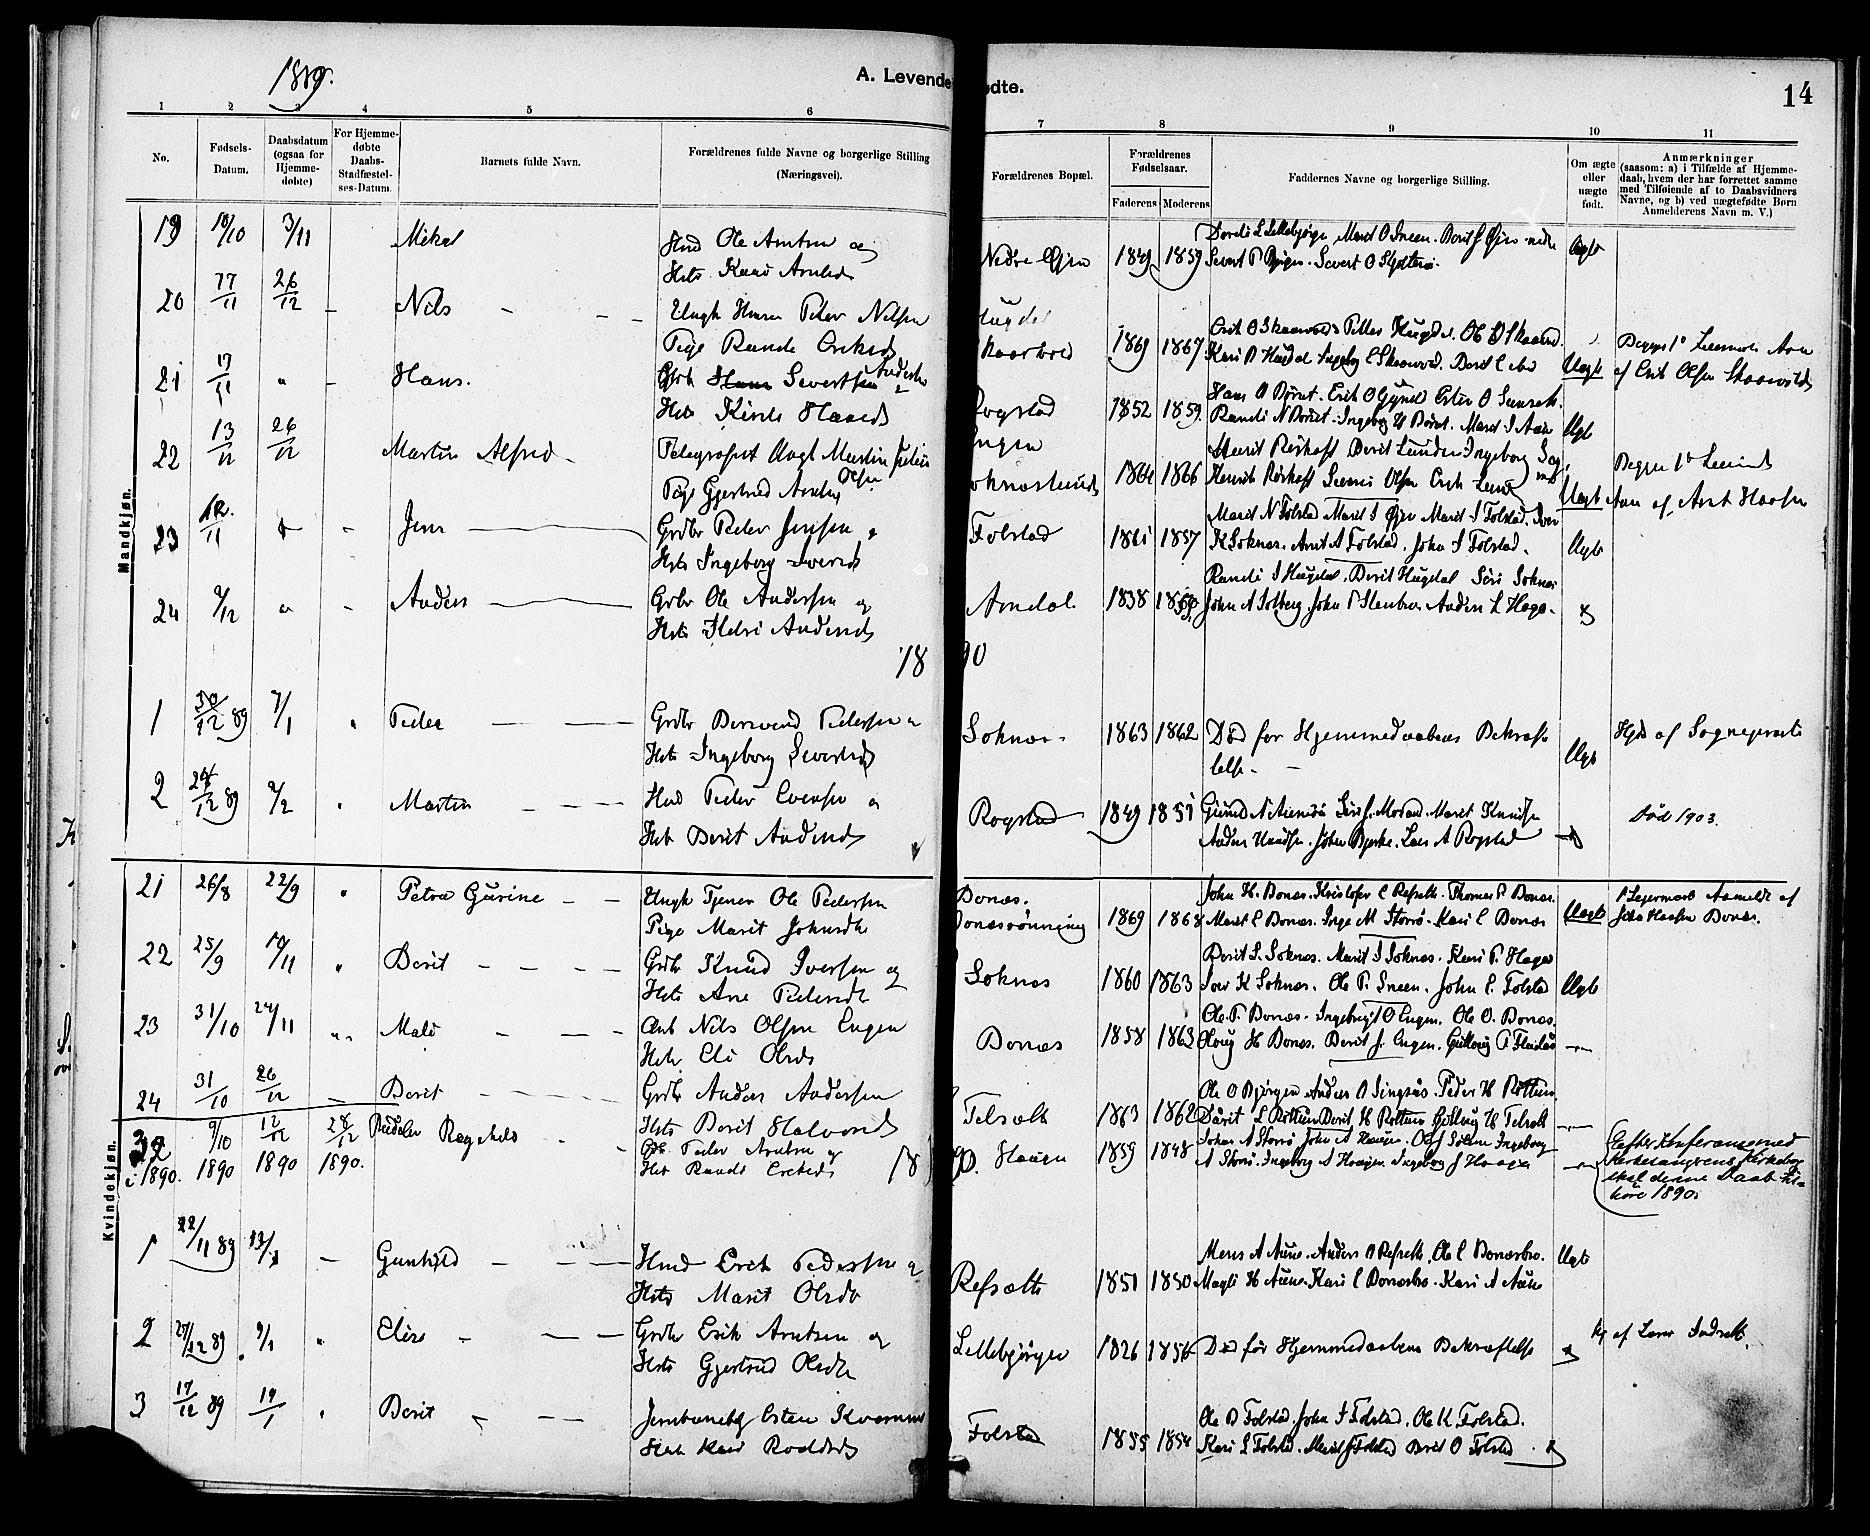 SAT, Ministerialprotokoller, klokkerbøker og fødselsregistre - Sør-Trøndelag, 687/L1003: Ministerialbok nr. 687A09, 1886-1890, s. 14